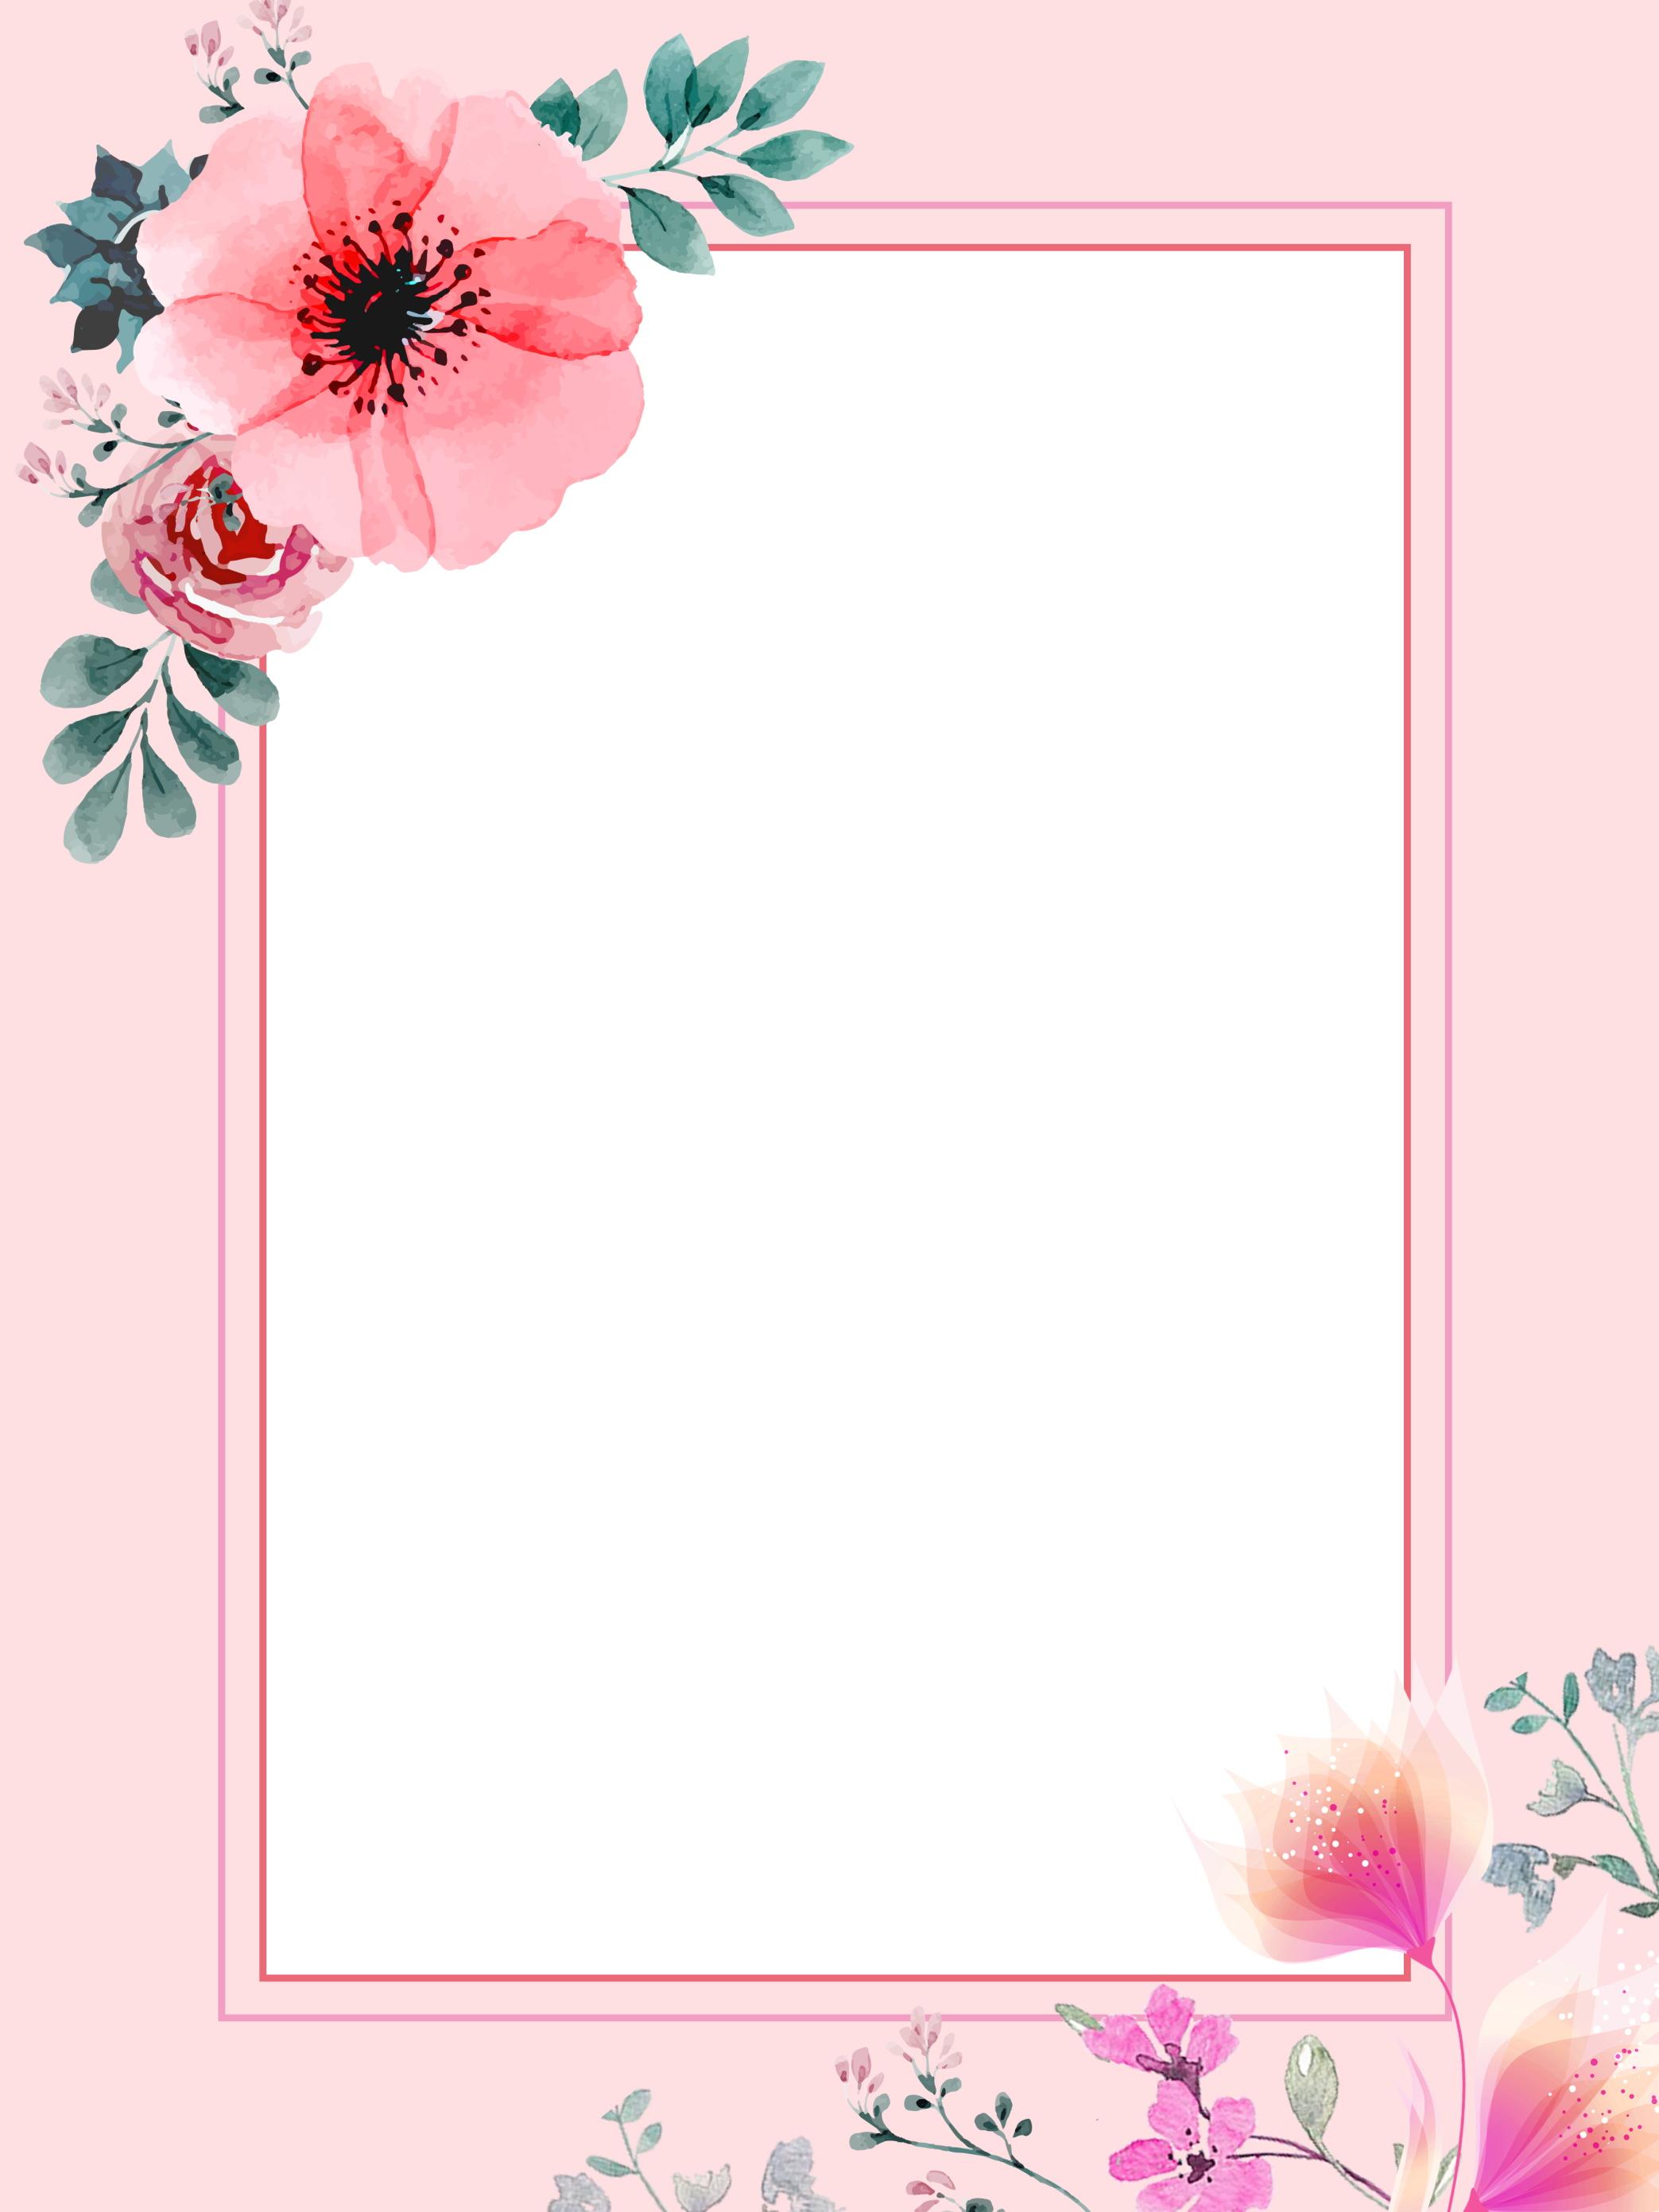 fleurs peintes  u00e0 la main laisse conception de fond chaud